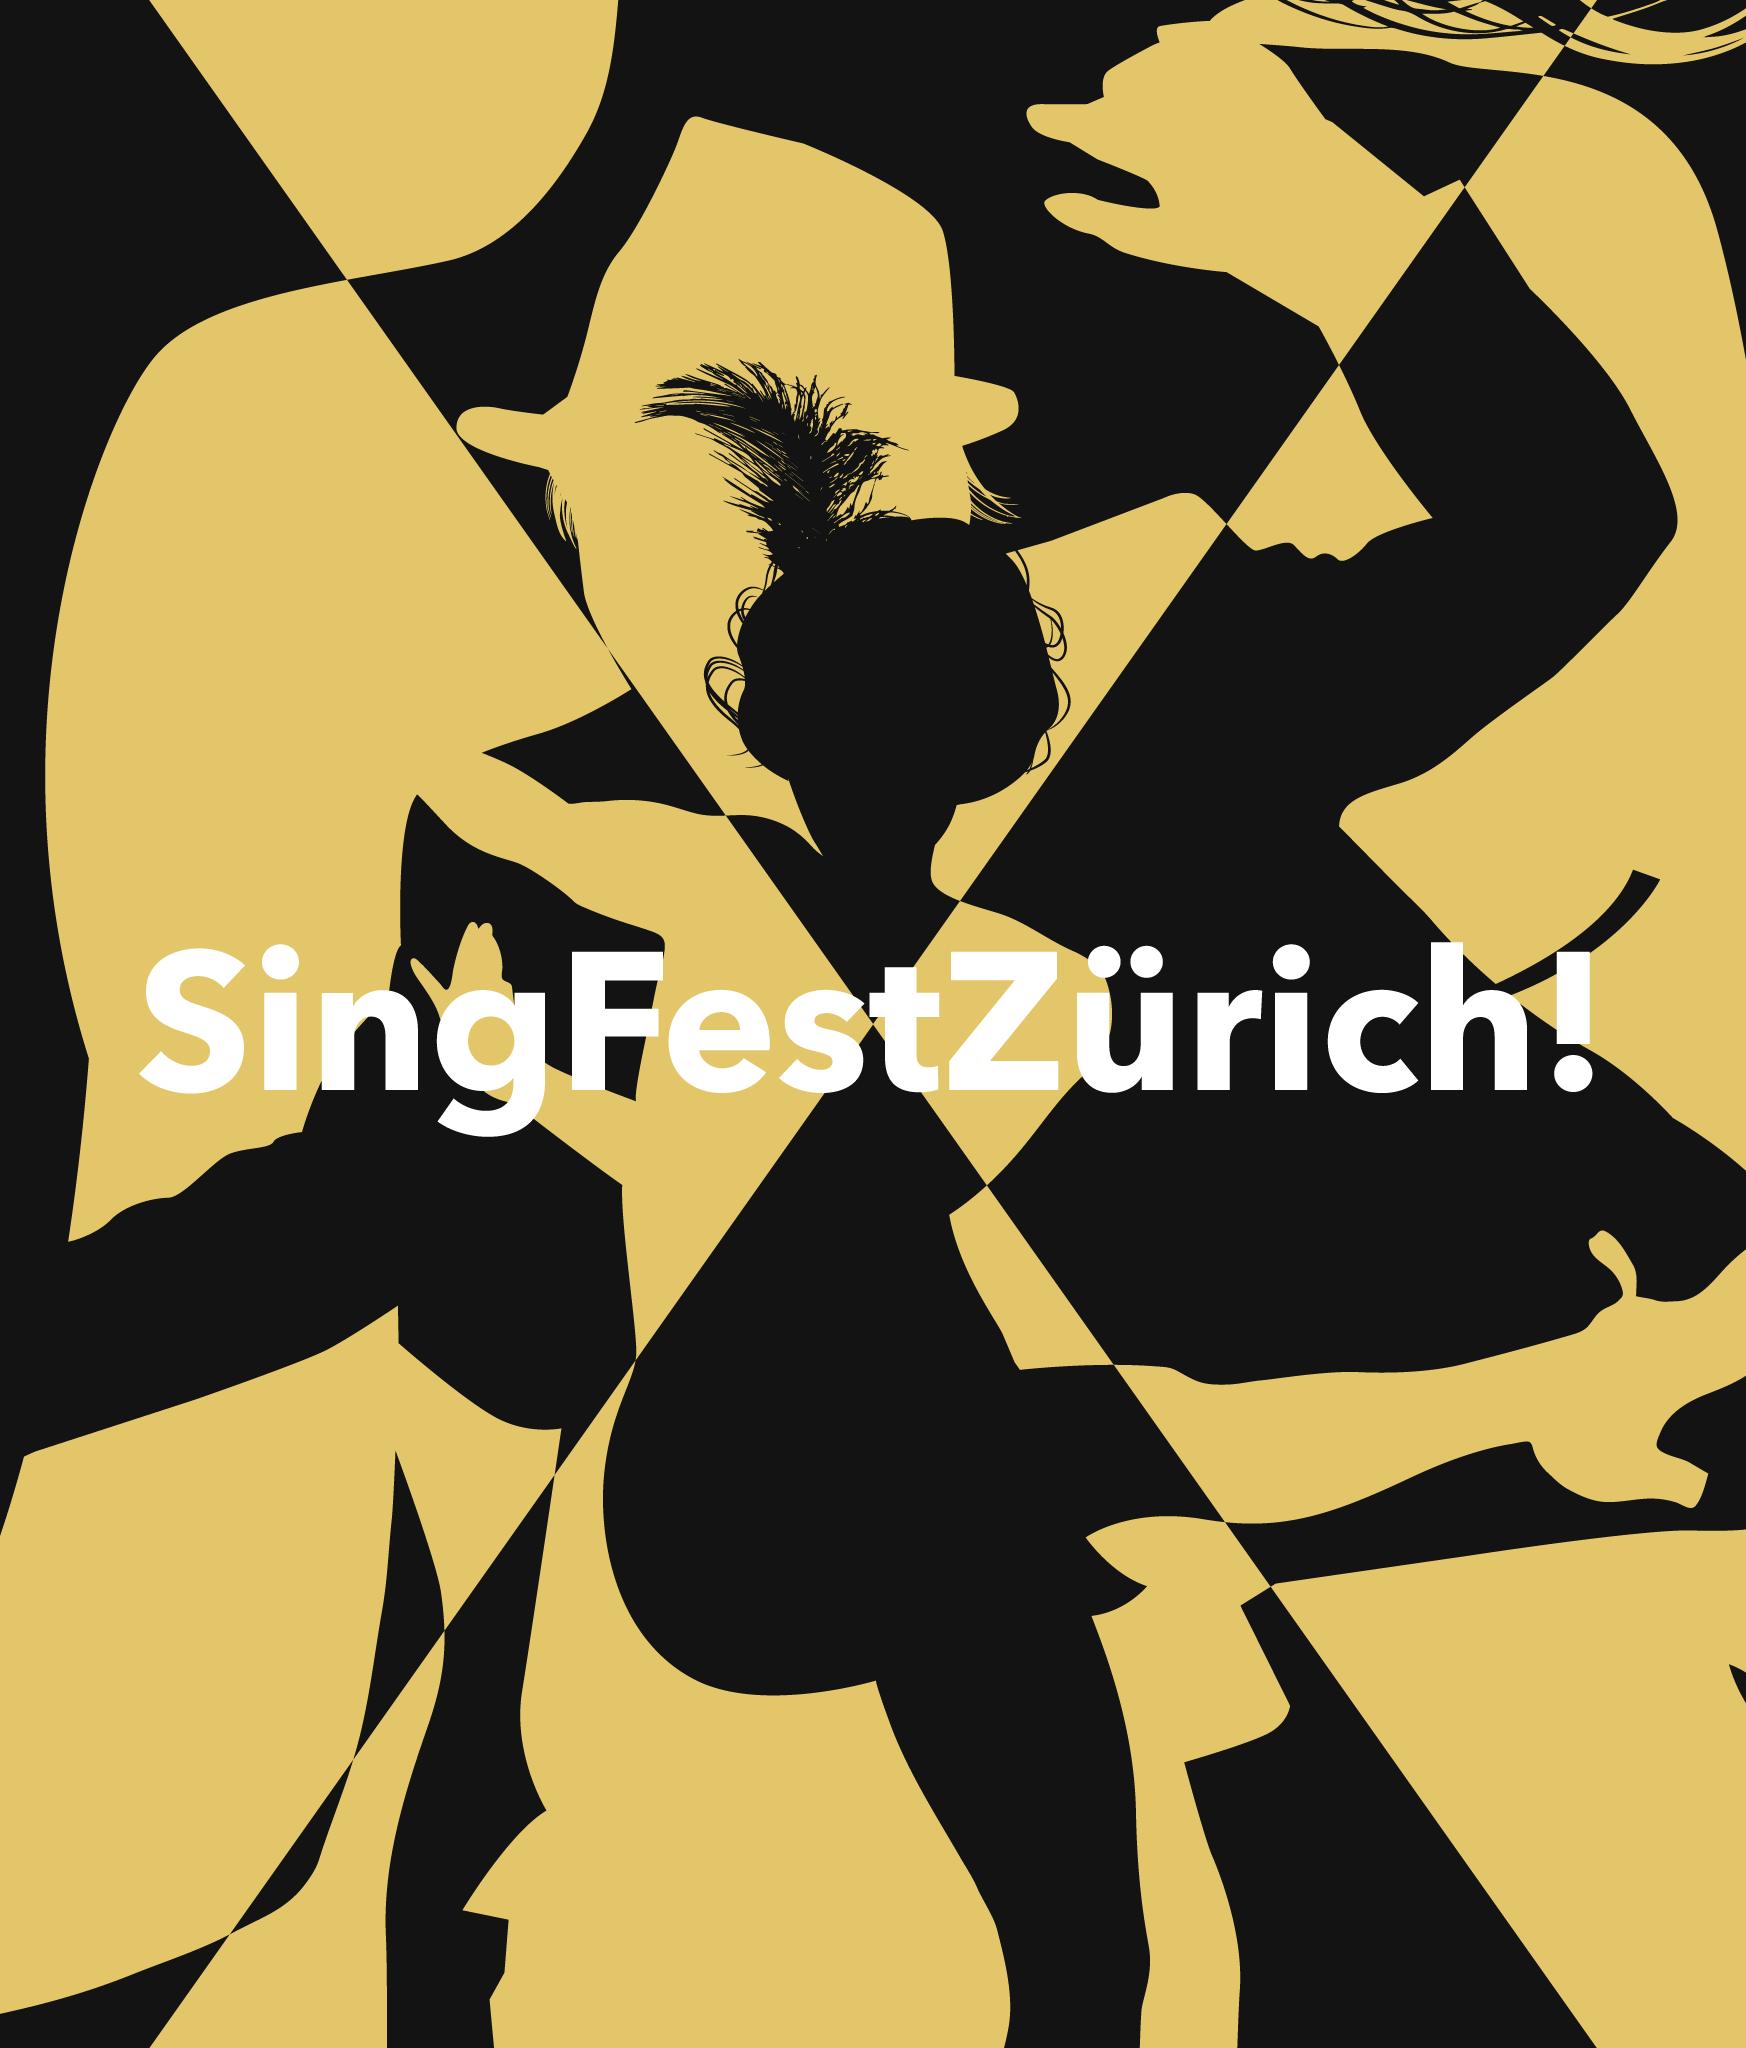 SingFestZürich!